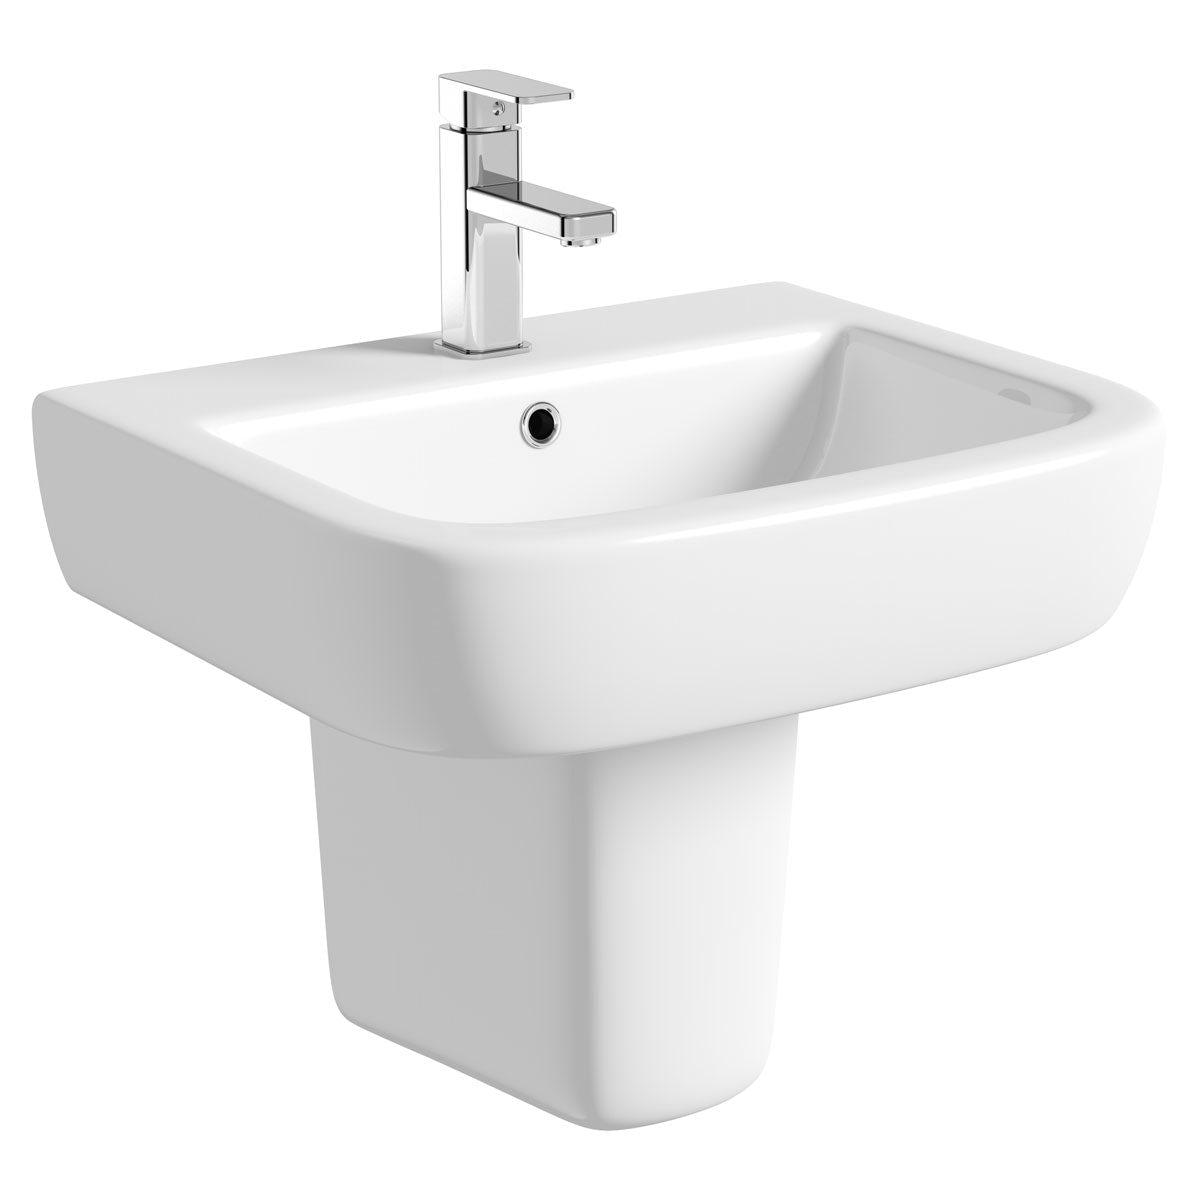 Bathroom suites with shower enclosures - Mode Ellis Storm Bath And Shower Suite